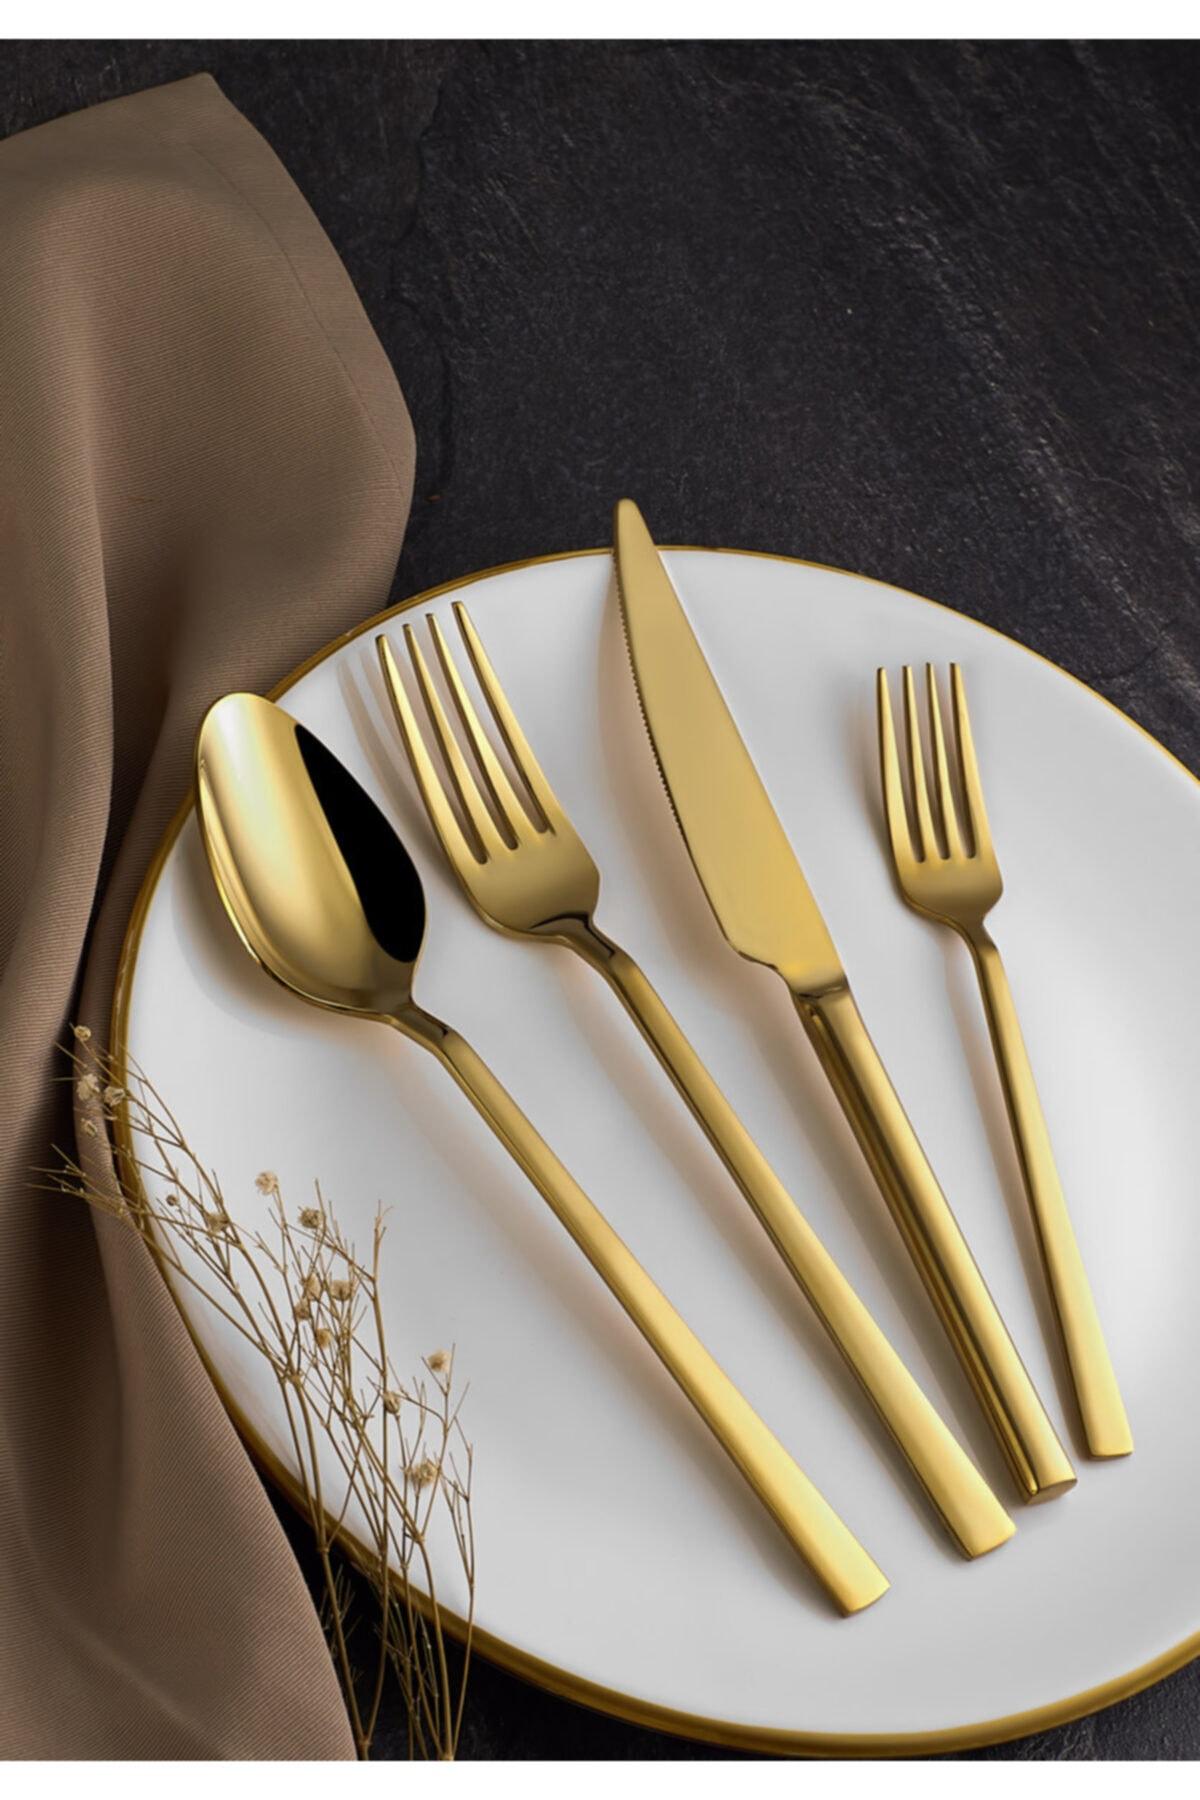 LamproMelloni Zolato Gold 24 Parça 6 Kişilik Çatal Kaşık Bıçak Takımı 1